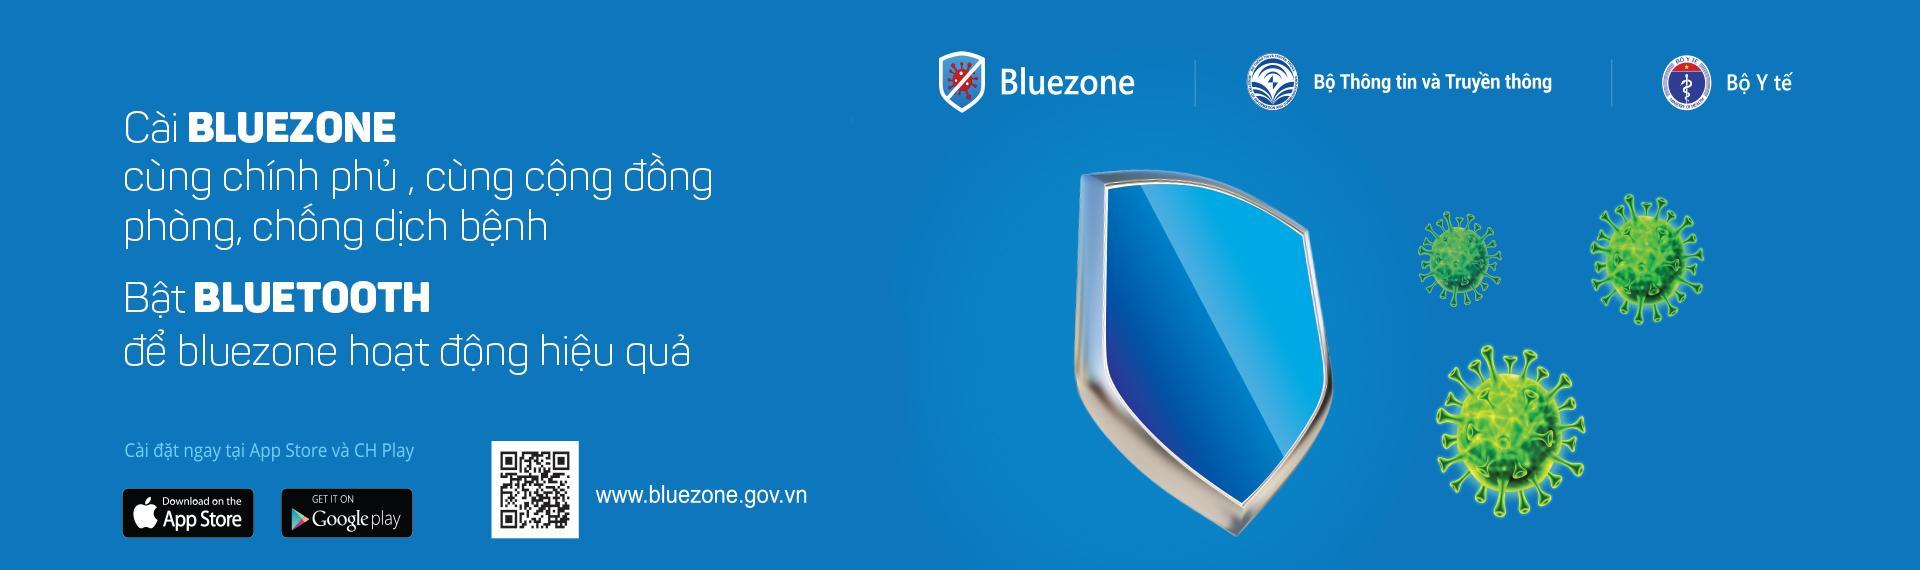 Bluezone - khả năng bảo vệ cộng đồng trước đại dịch COVID-19